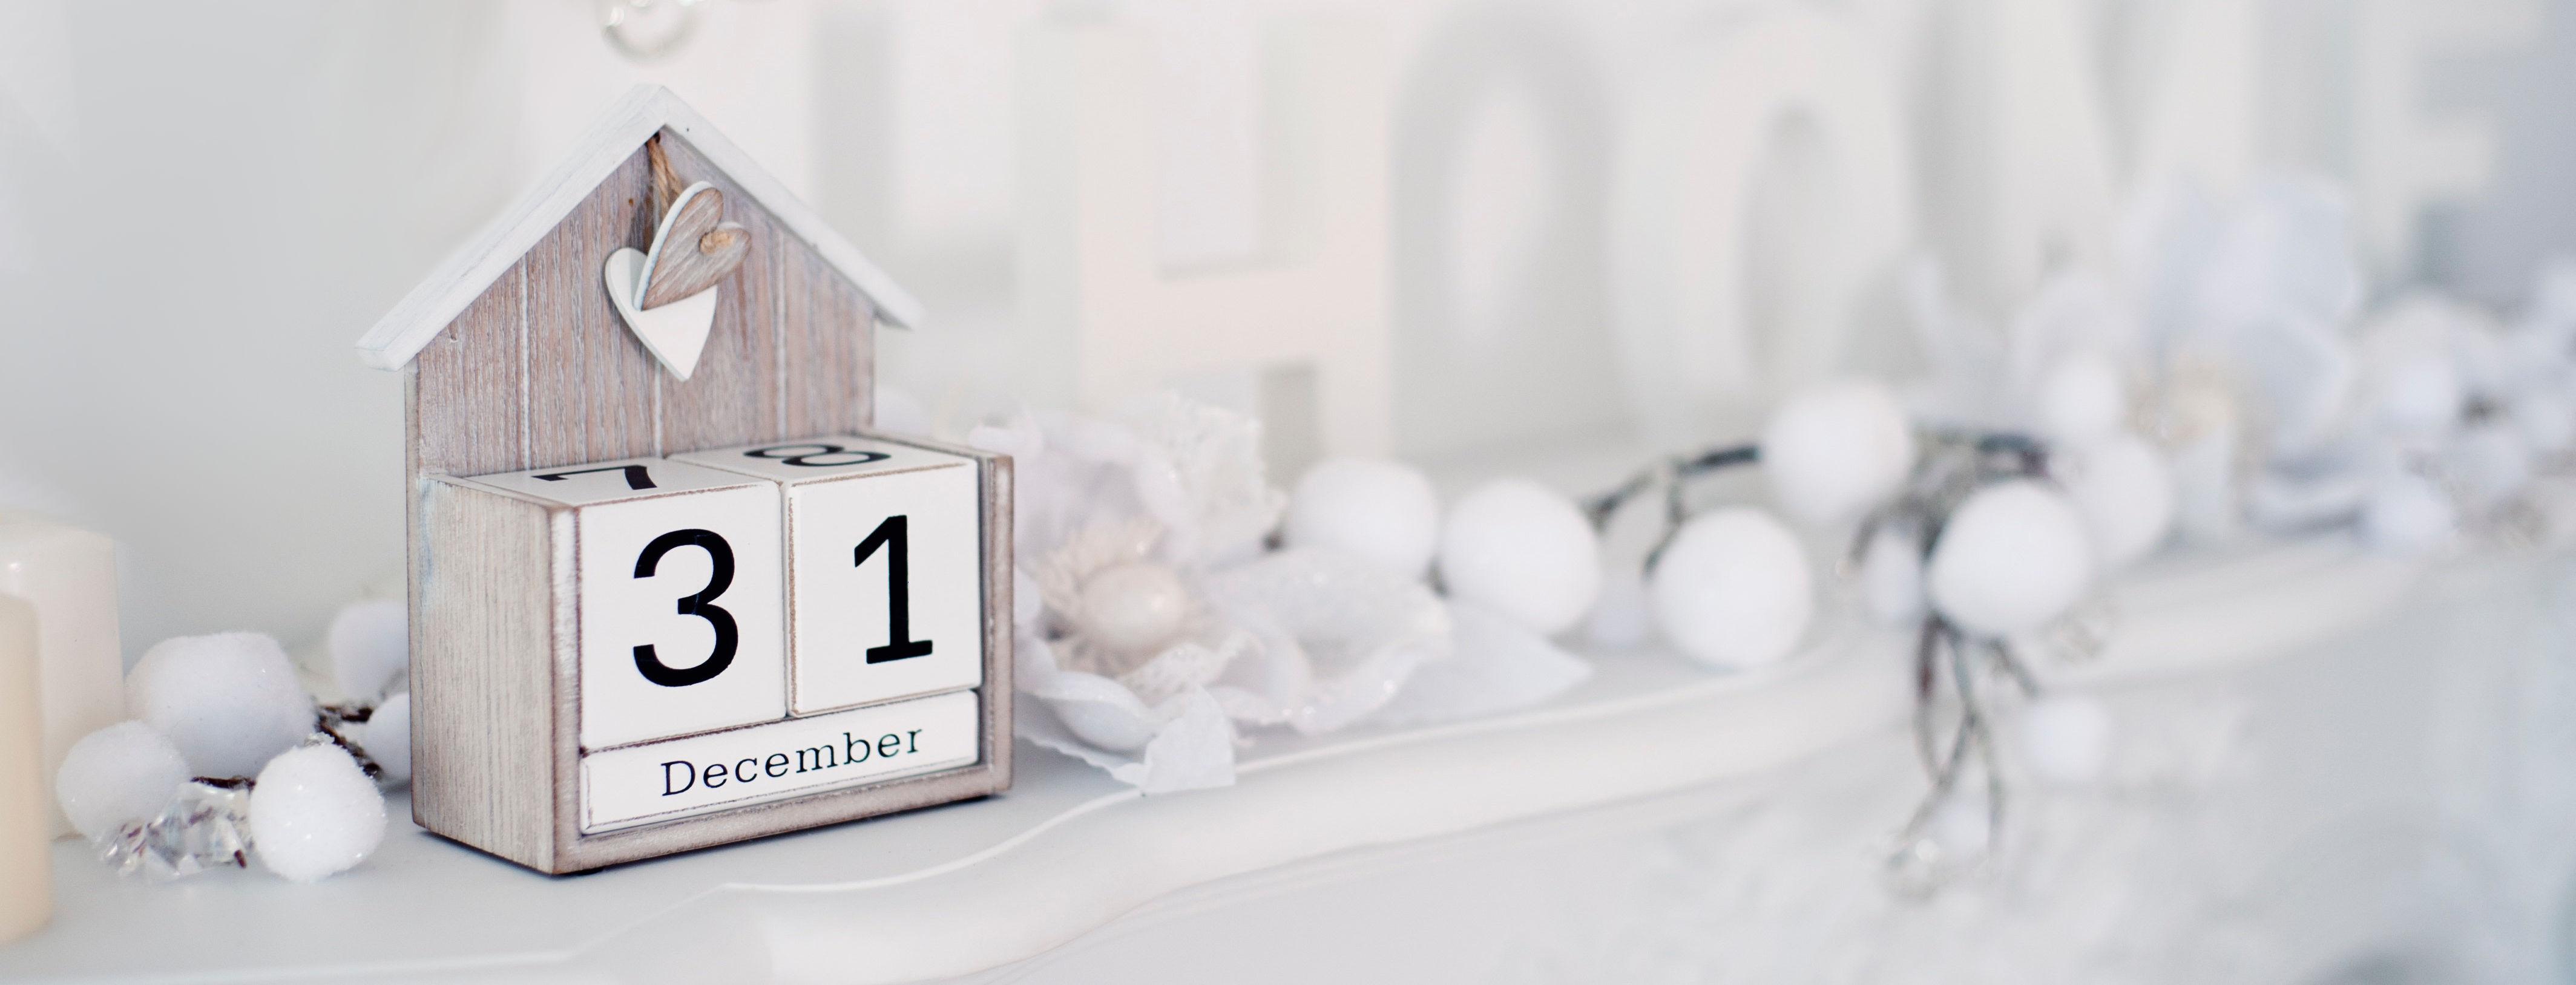 Detrazione IVA fatture elettroniche dicembre 2019